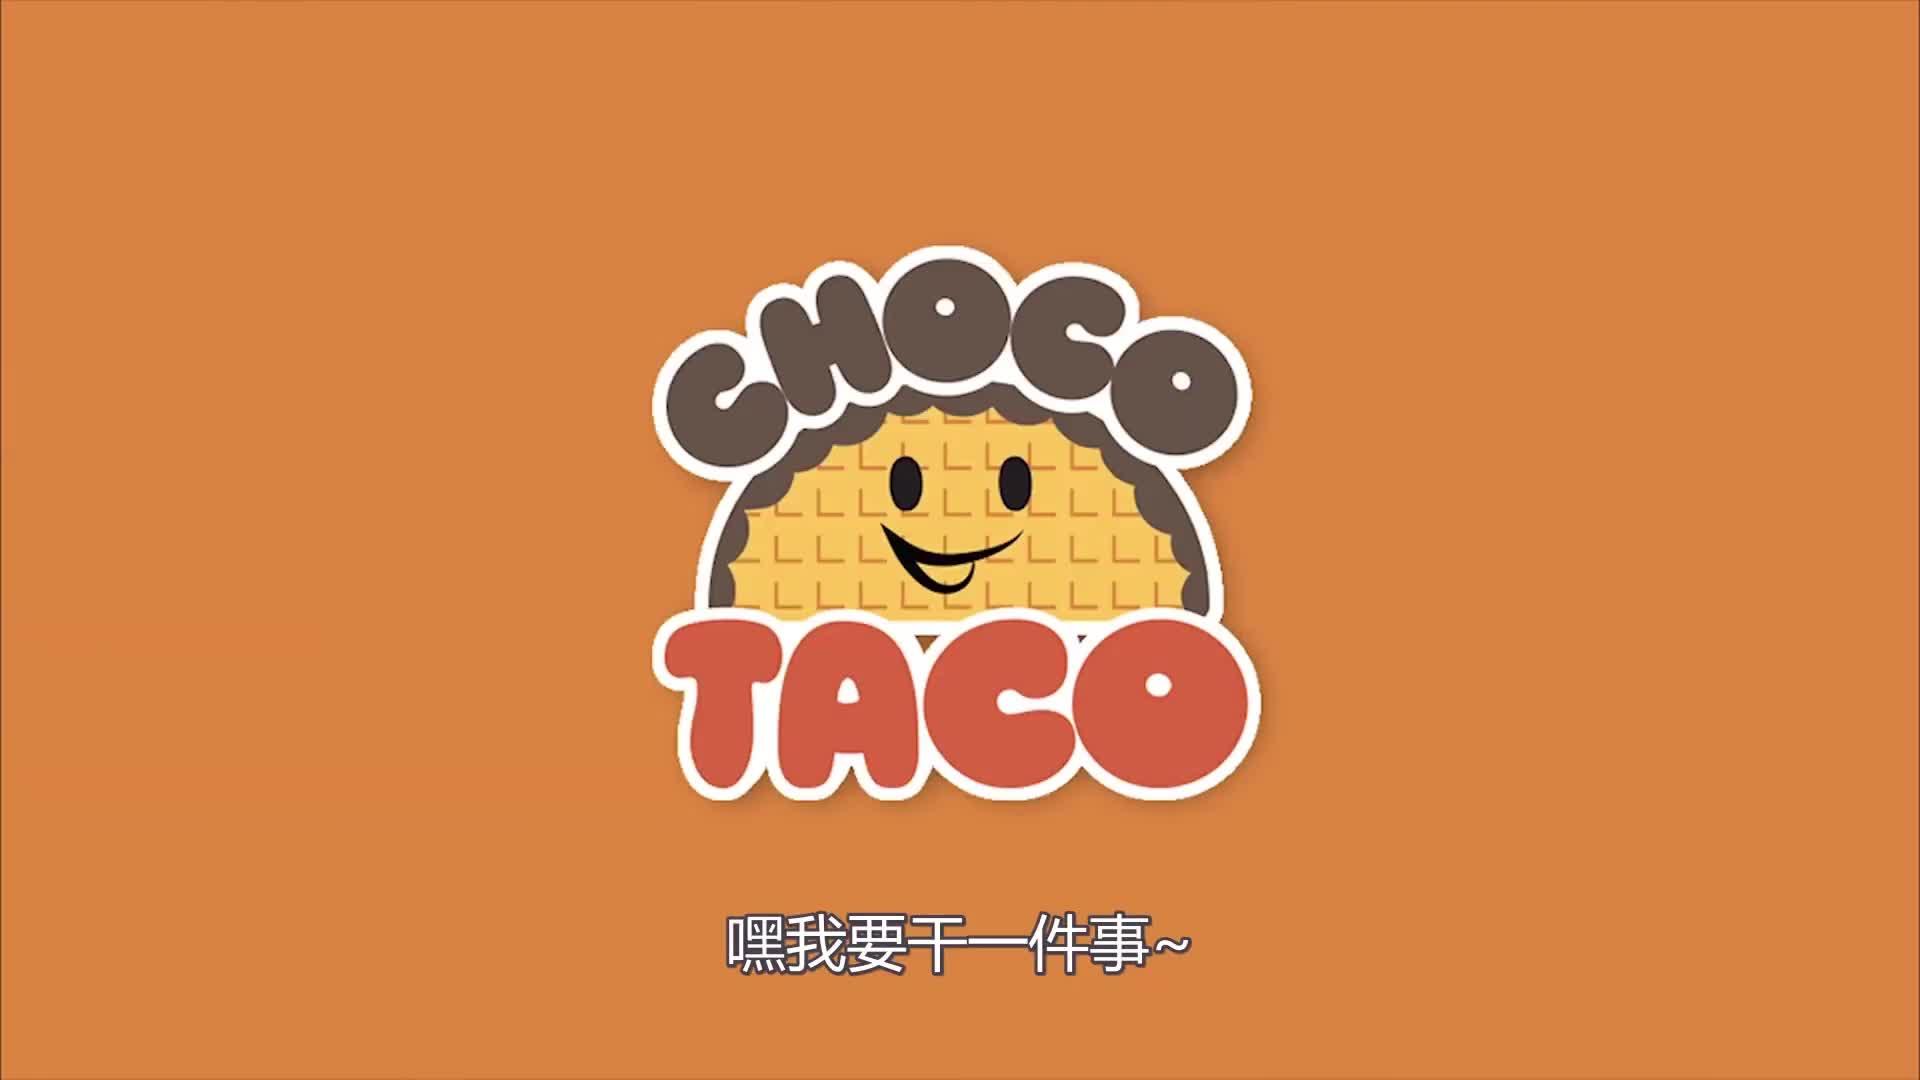 【绝地求生字幕】chocoTaco探索新图卡拉金最长最深隧道C4吃鸡